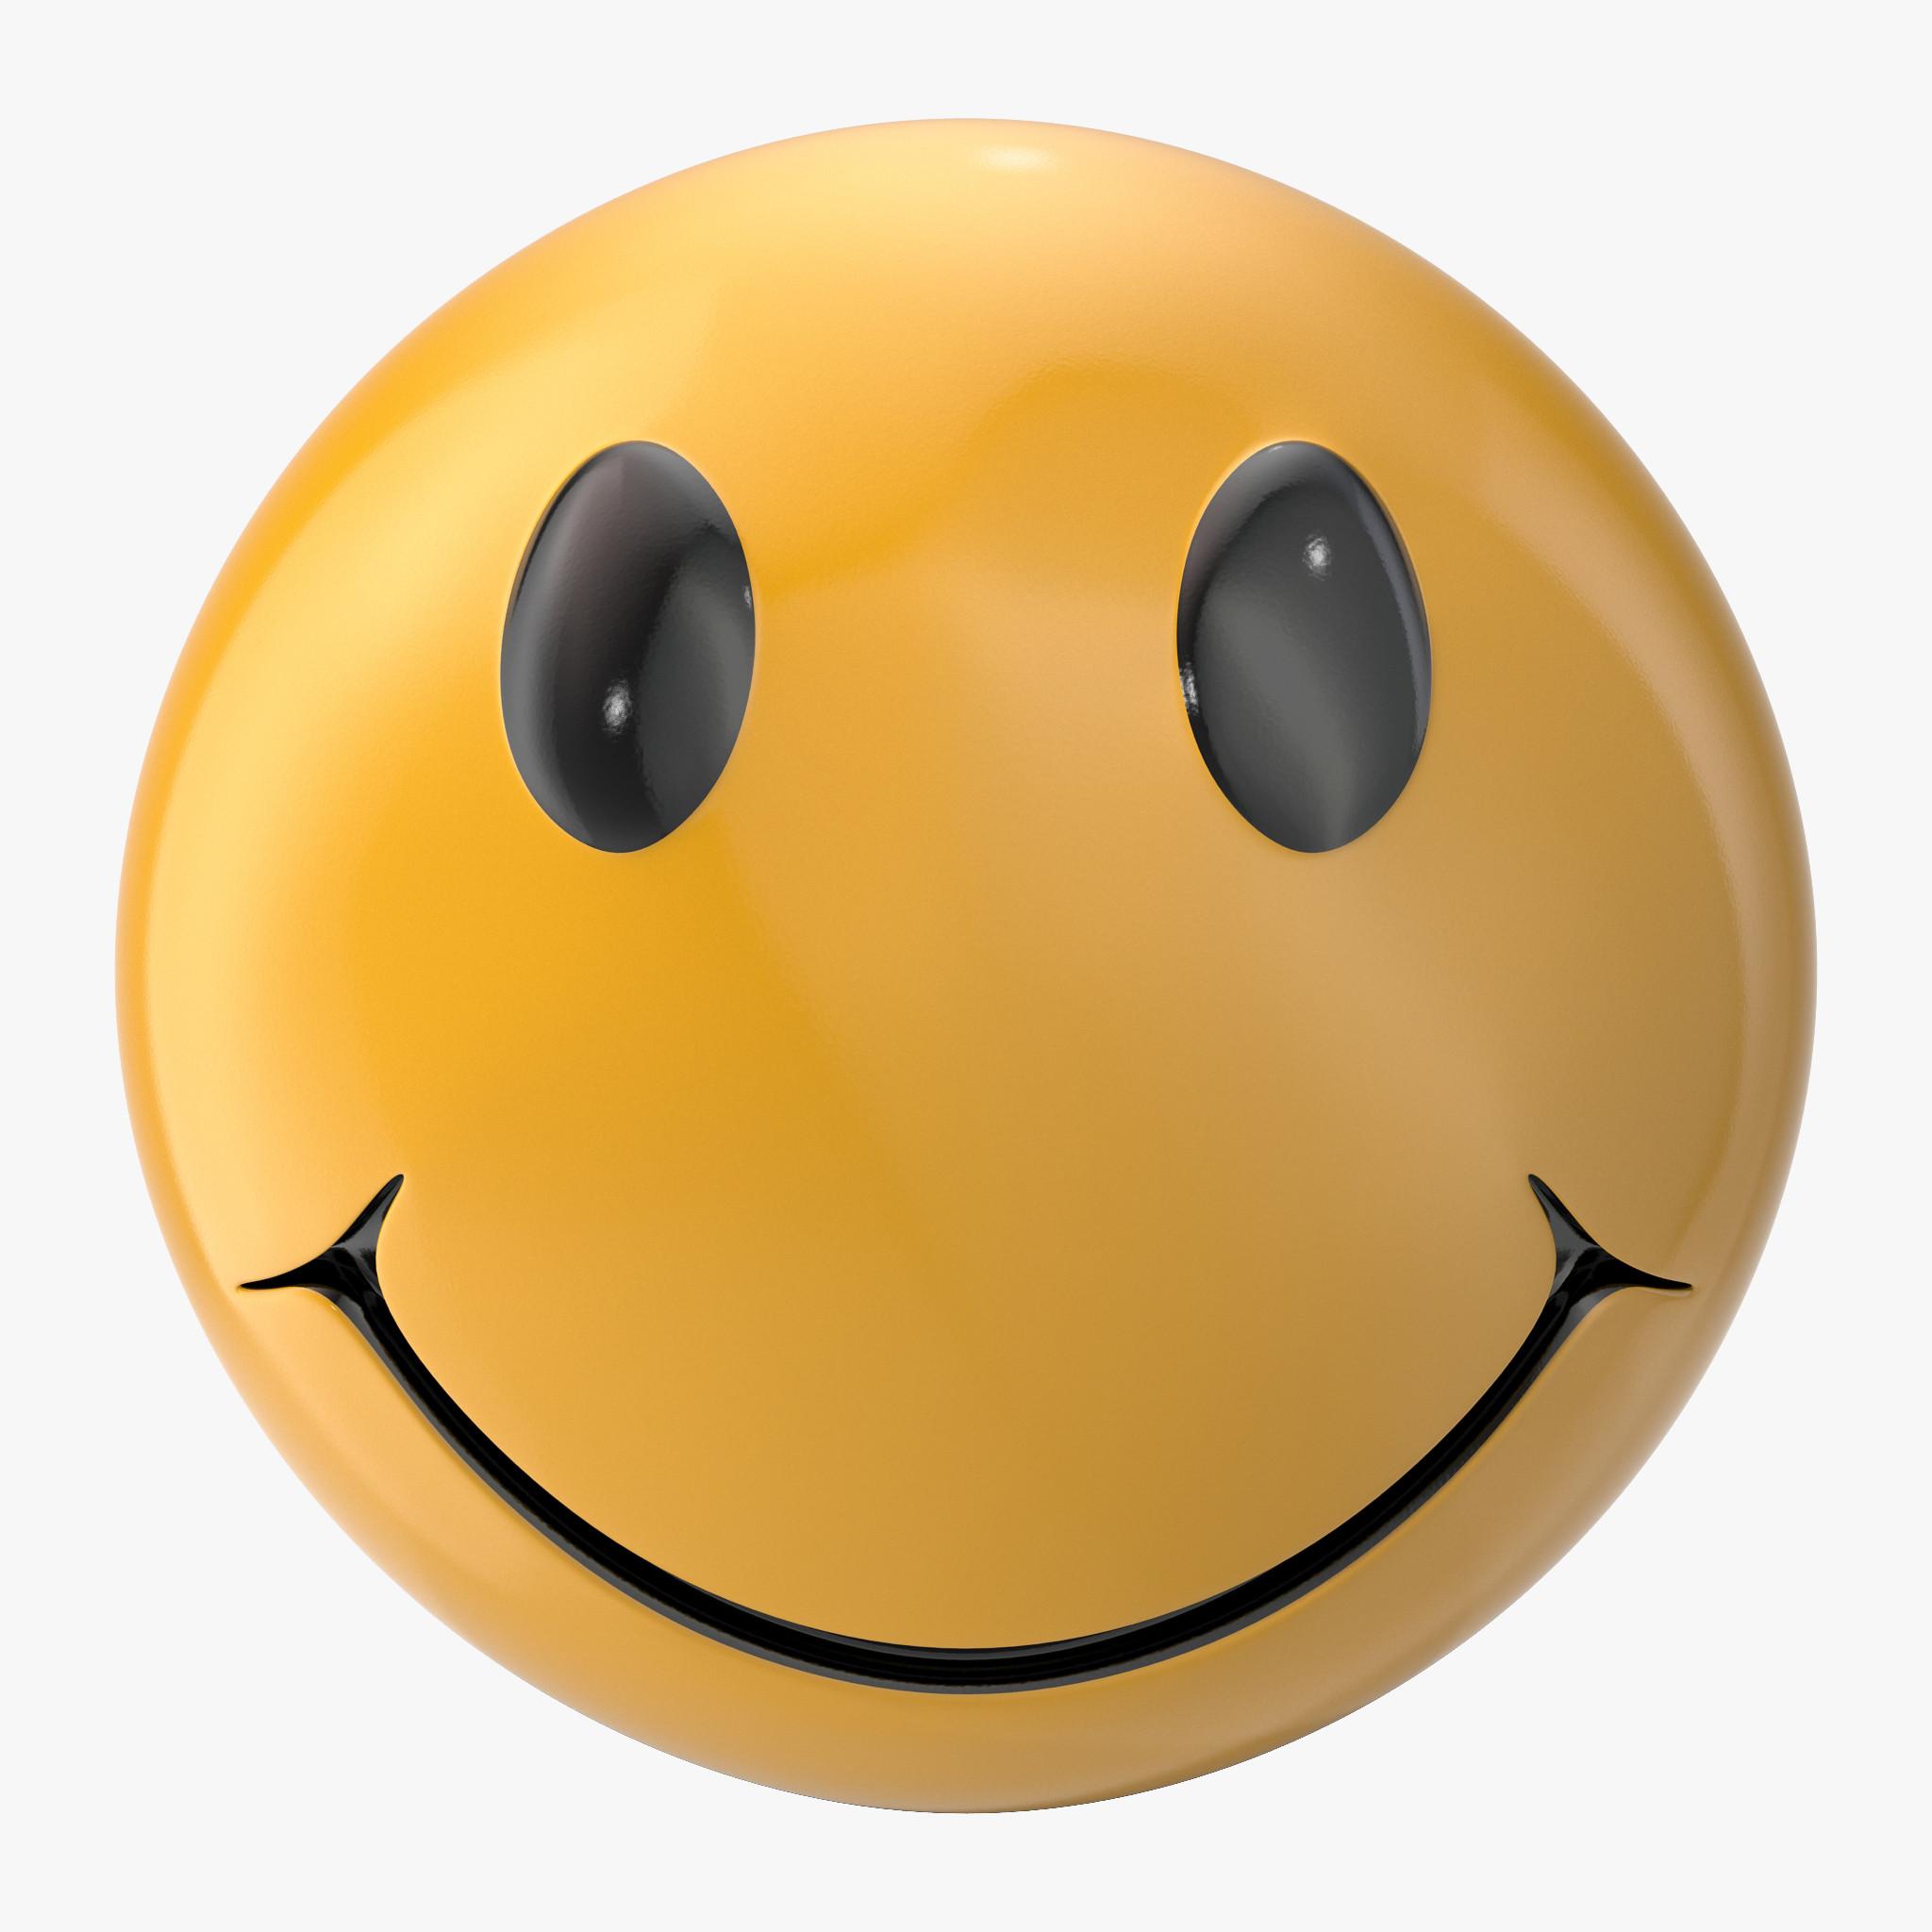 3d Smiley Faces - ClipArt Best